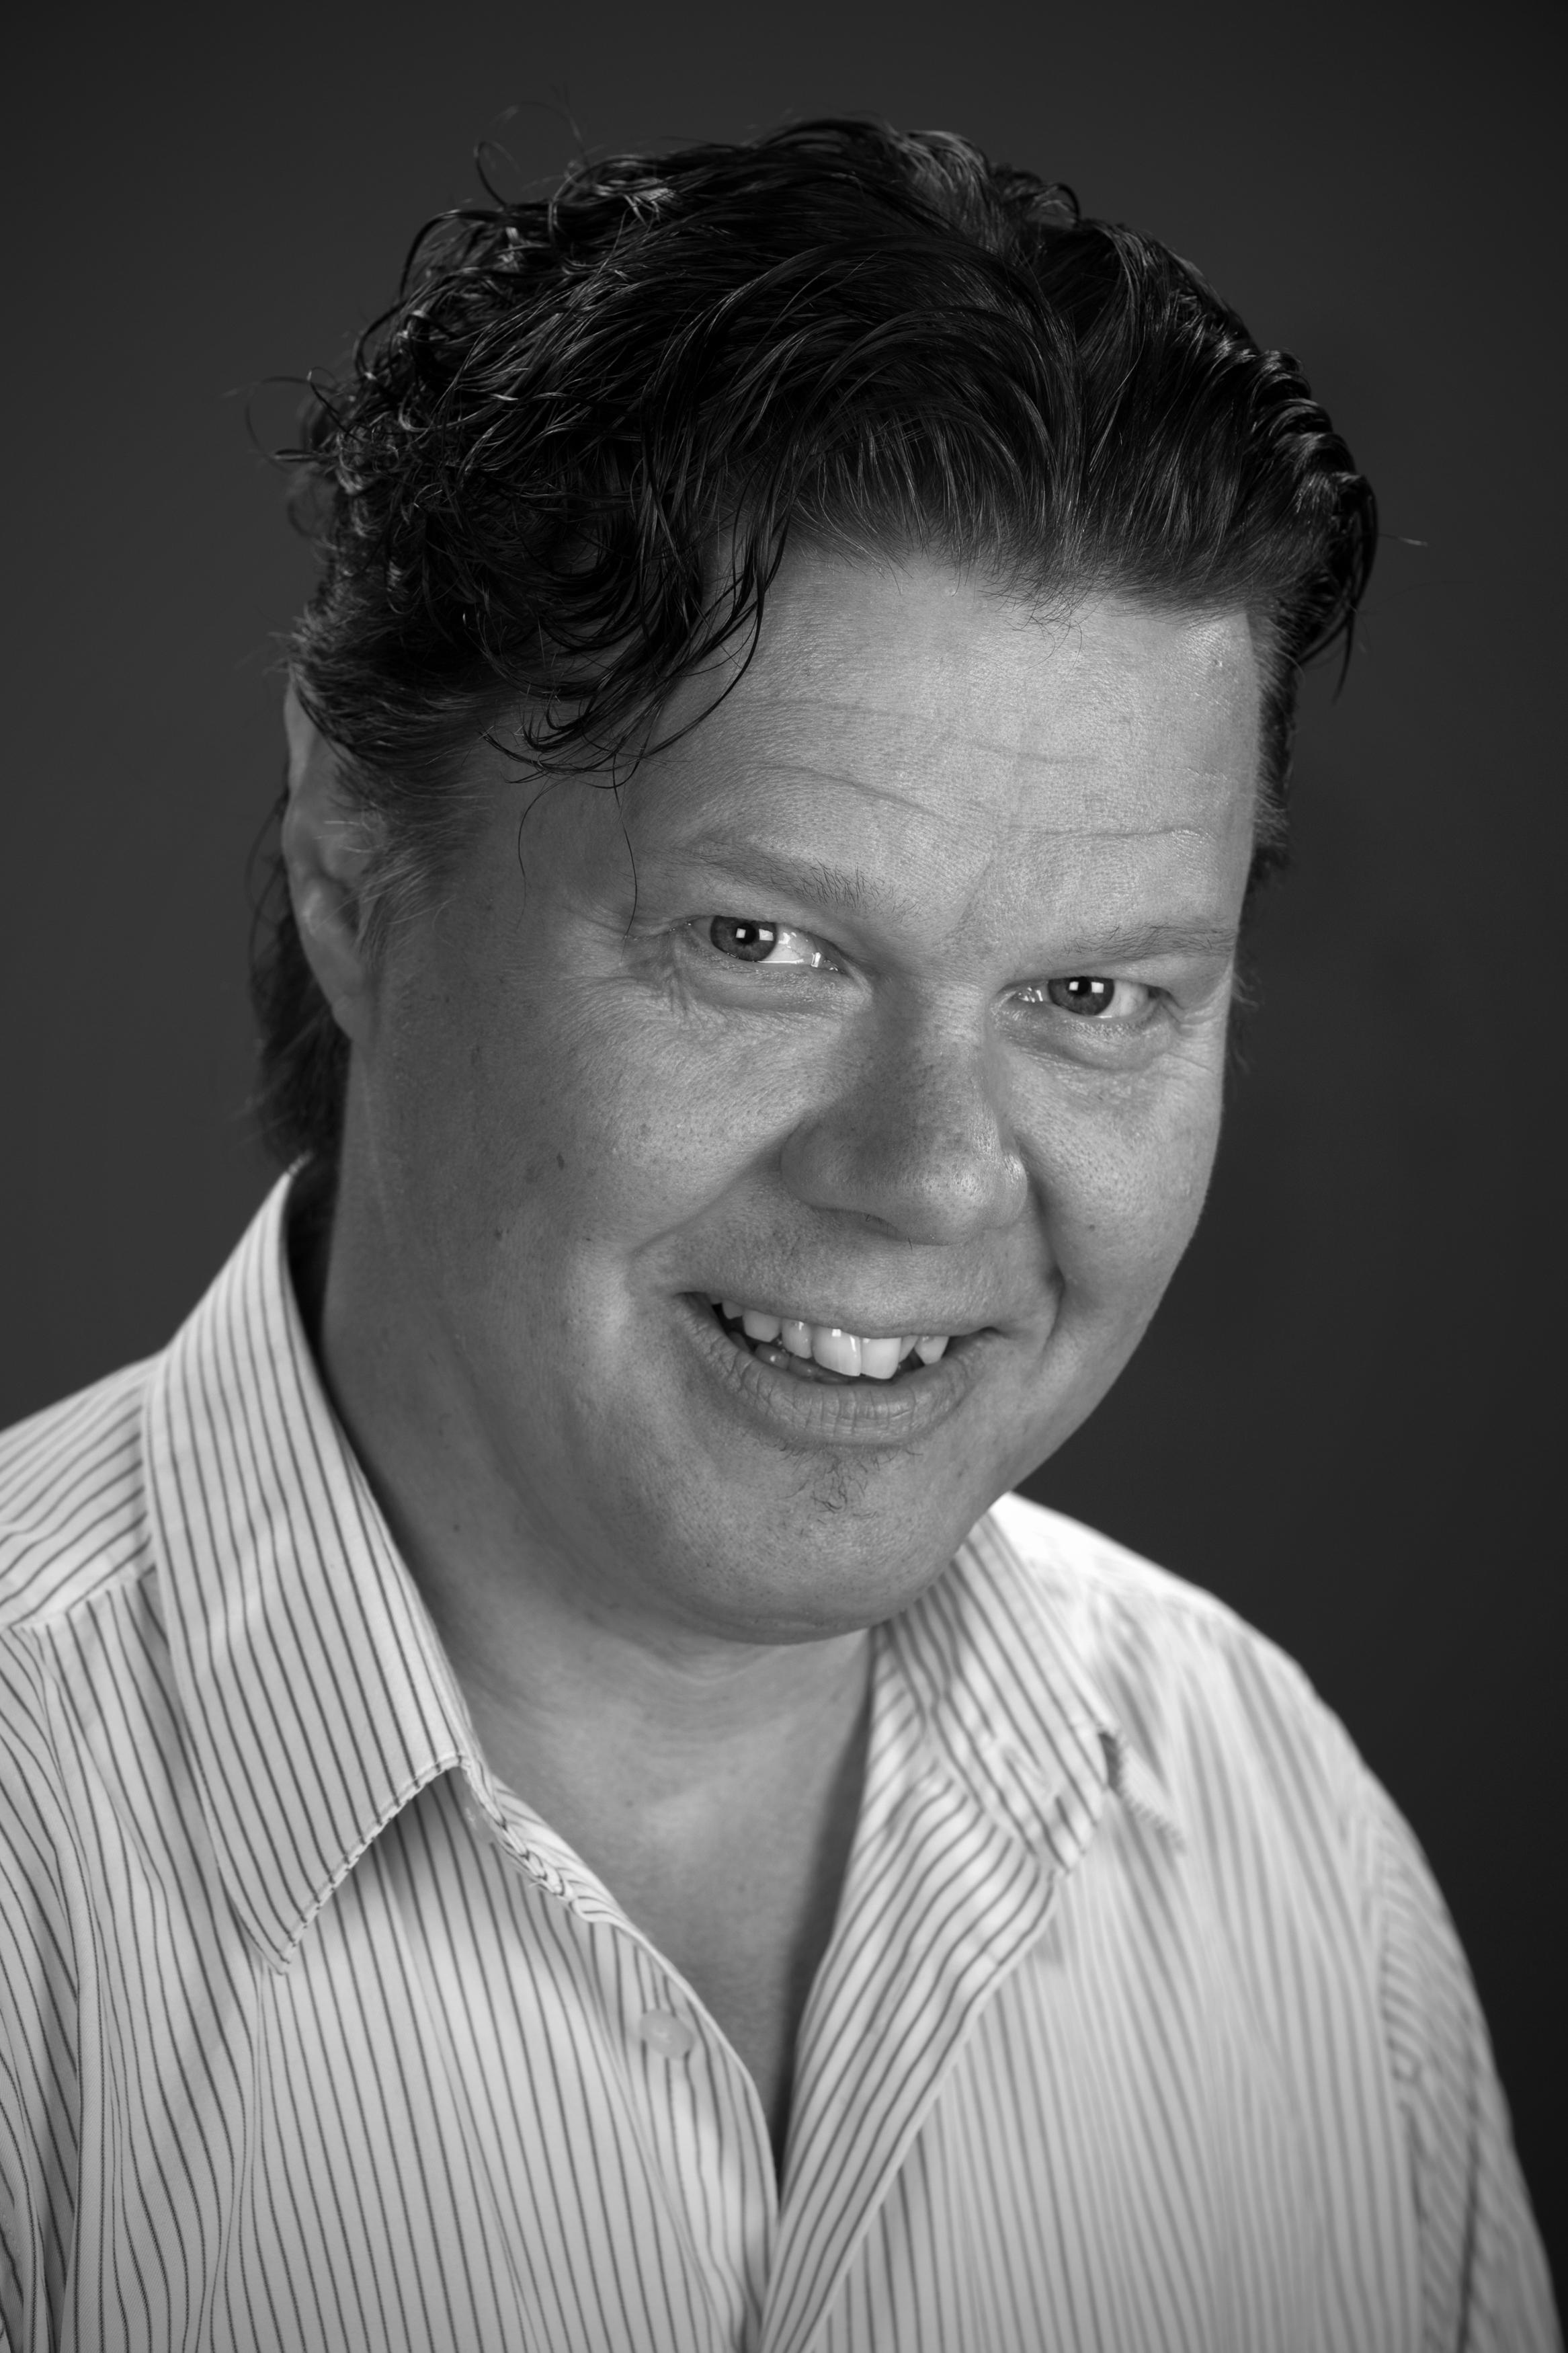 Heikki Vainionpää